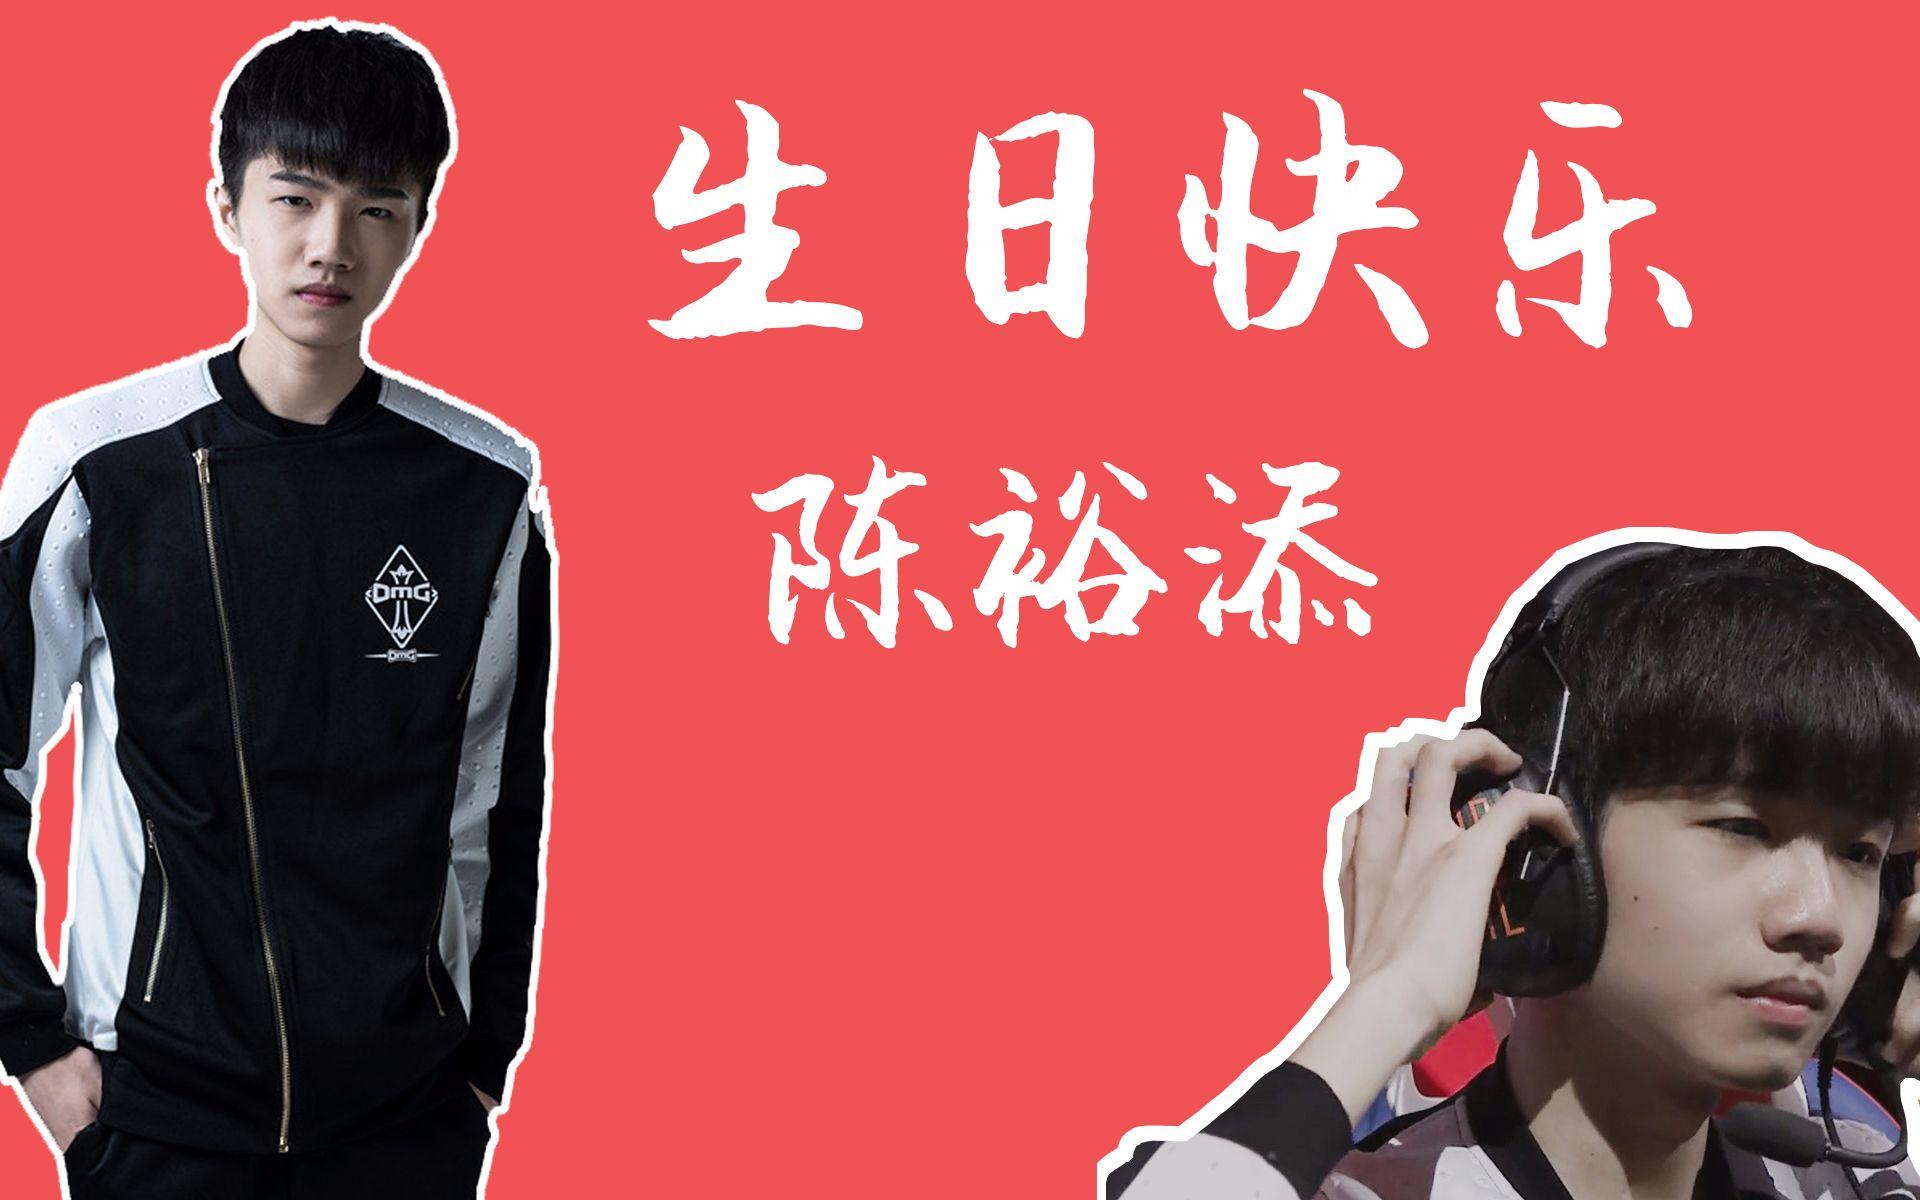 [world6生贺]《关于陈裕添的10分钟小电影》谨以此视频献给陈裕添的